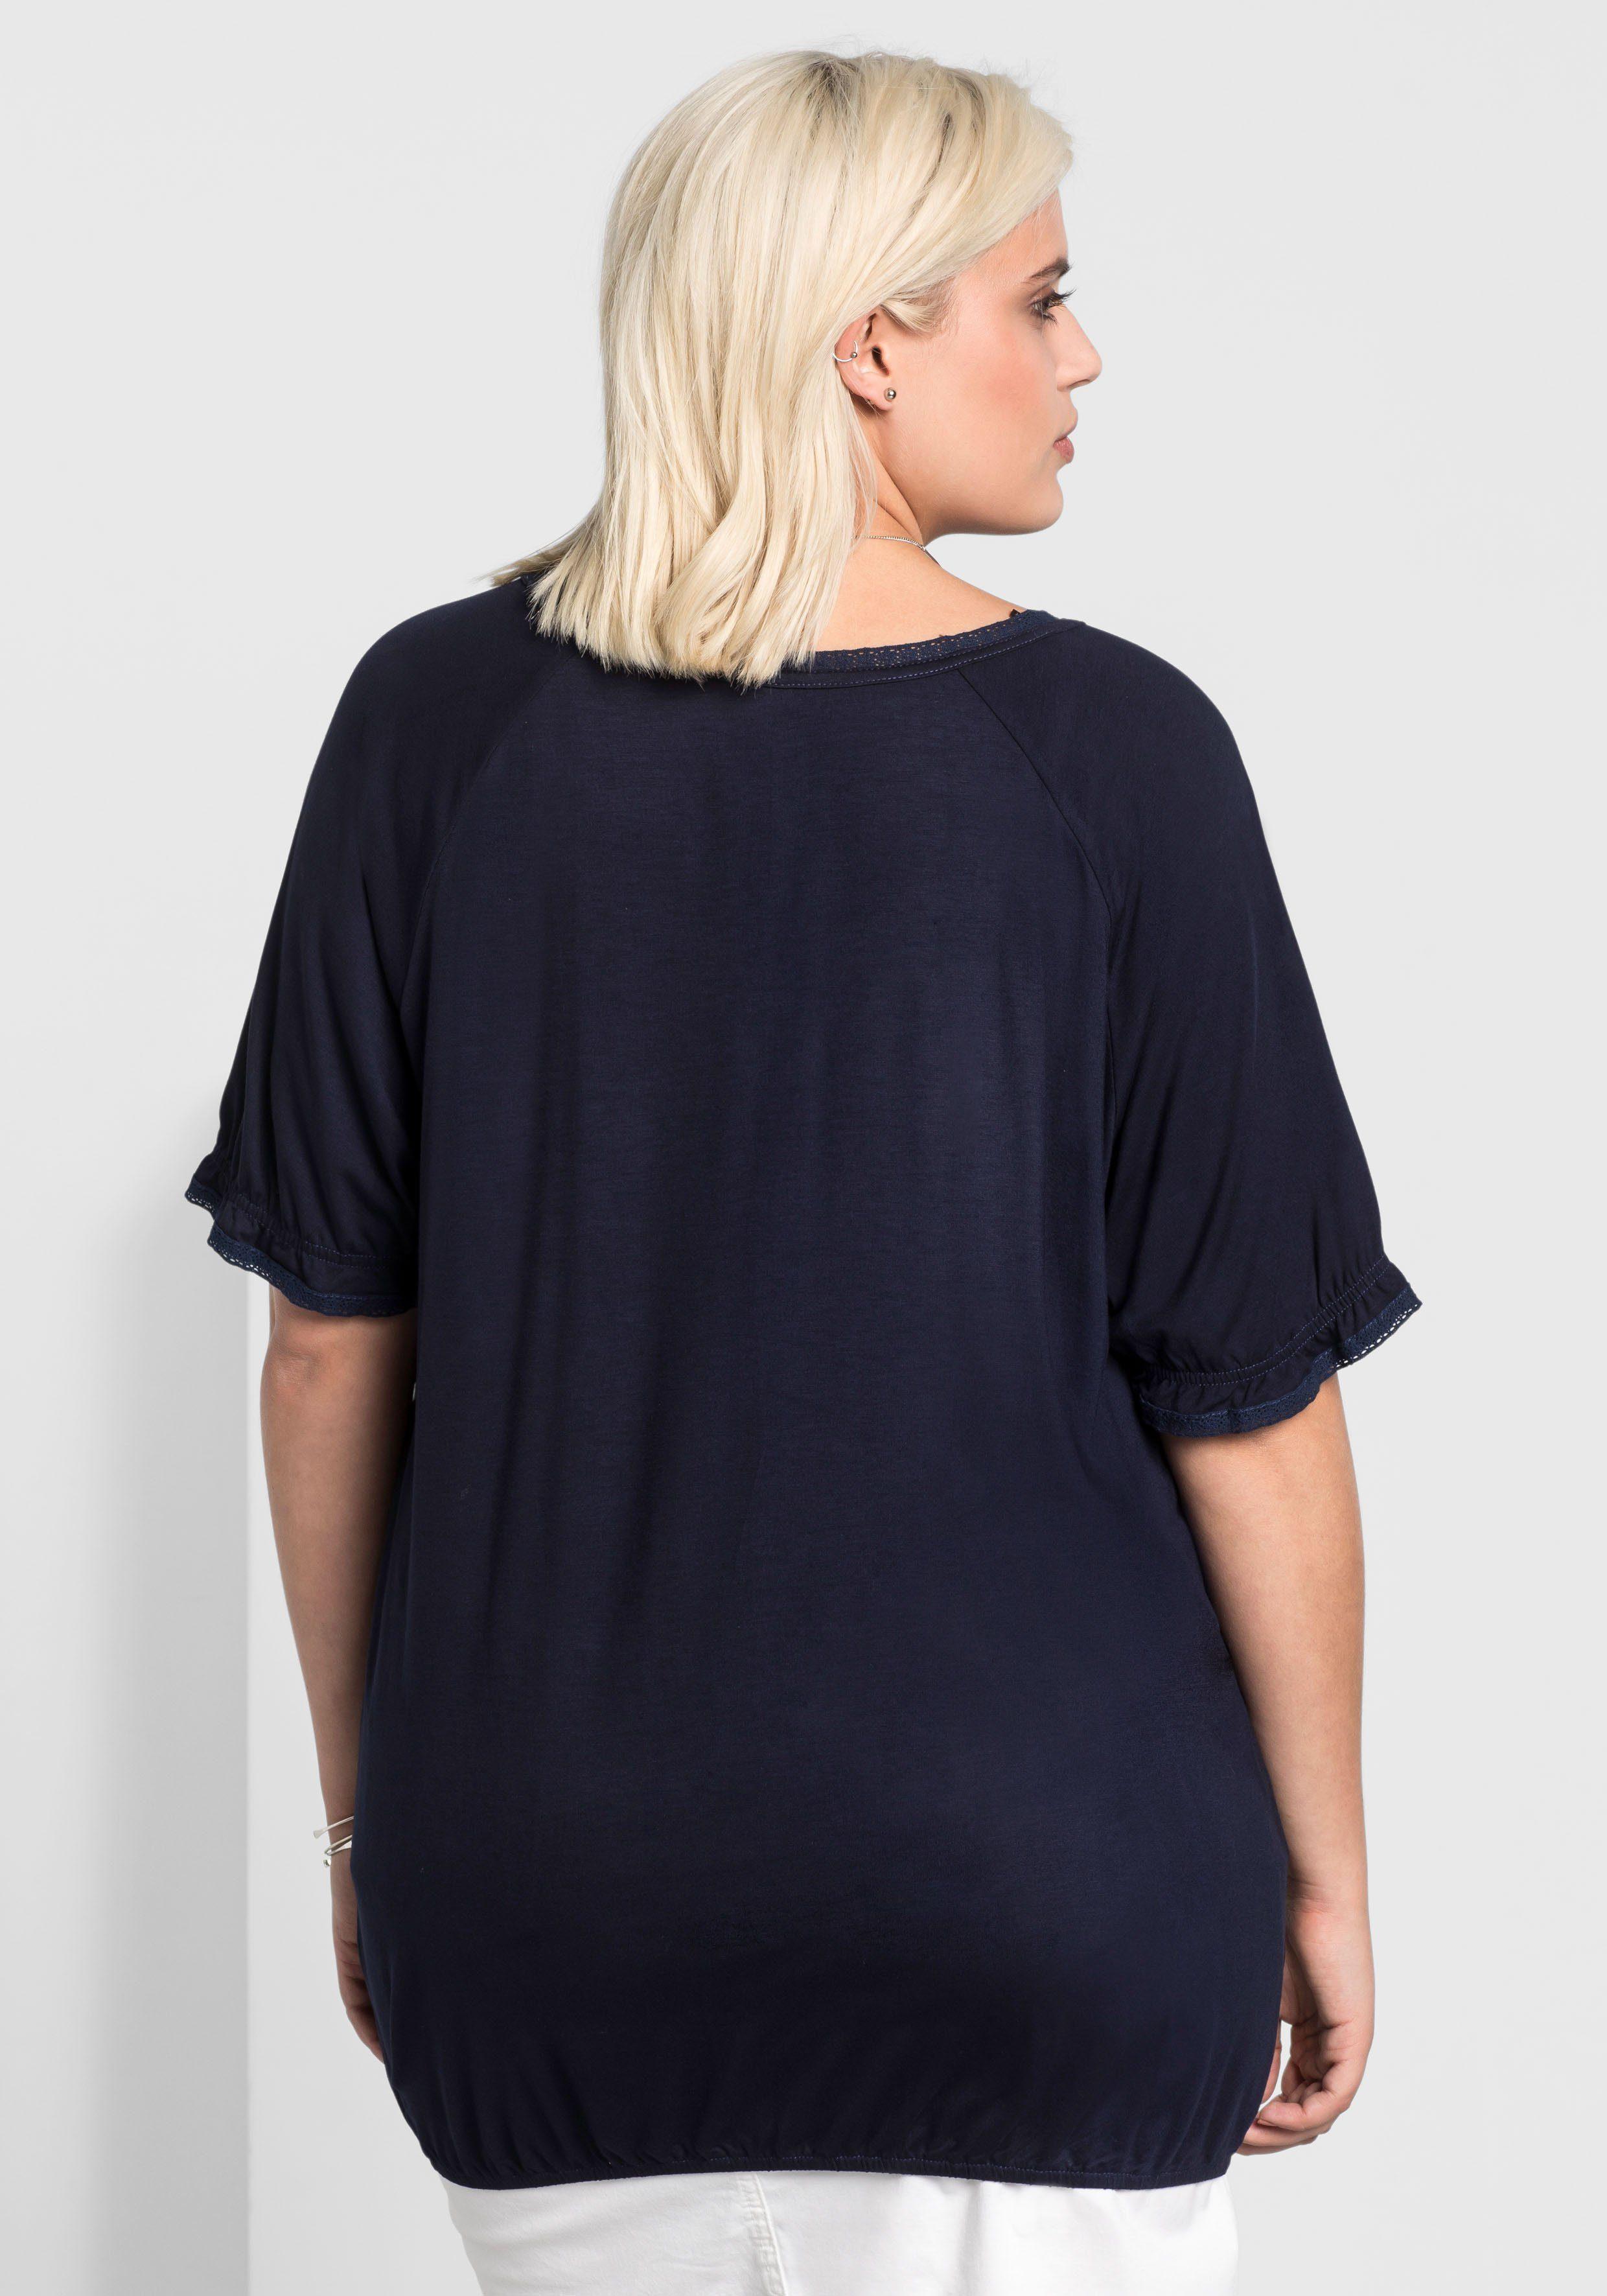 Ausschnitt T Kaufen Sheego Und Style An Kurzarm Online shirtHäkelborte SzVGMUpq